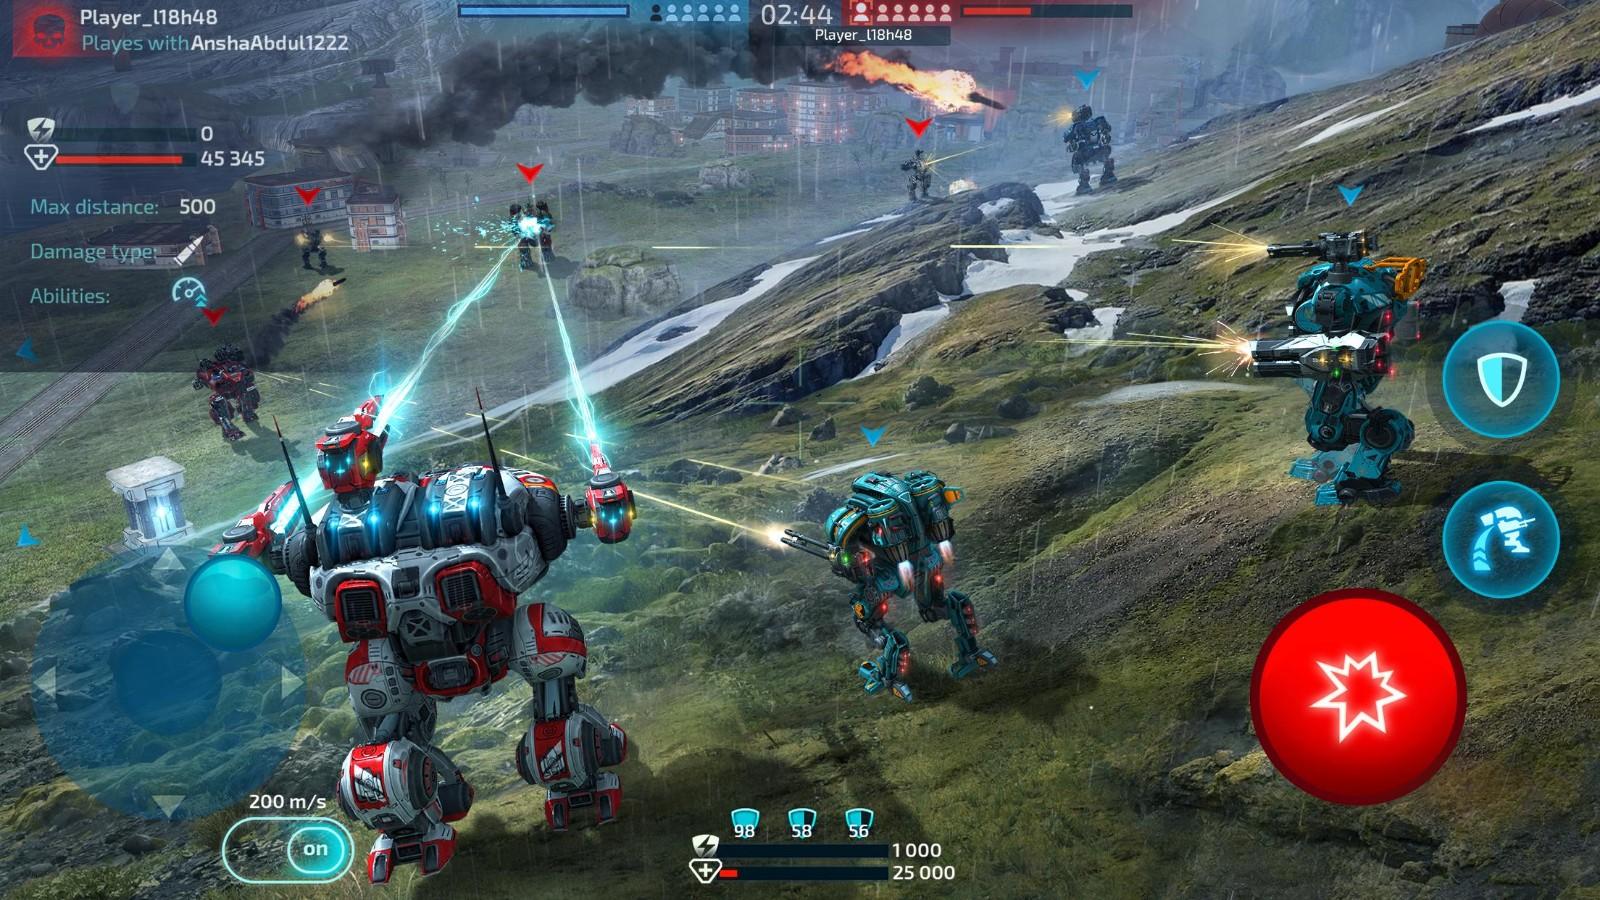 科幻机器人游戏排行榜